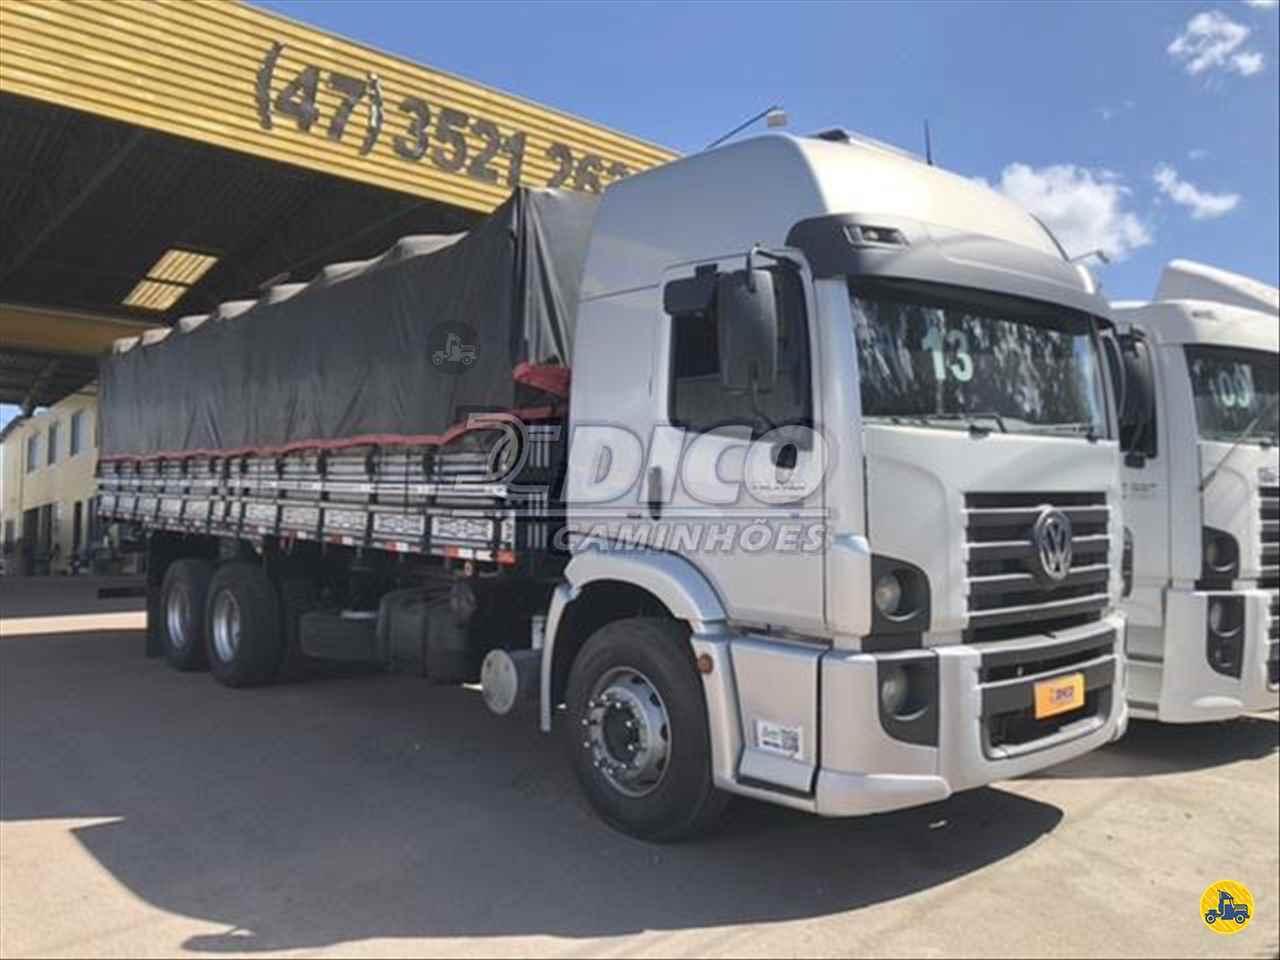 CAMINHAO VOLKSWAGEN VW 24280 Graneleiro Truck 6x2 Dico Caminhões RIO DO SUL SANTA CATARINA SC